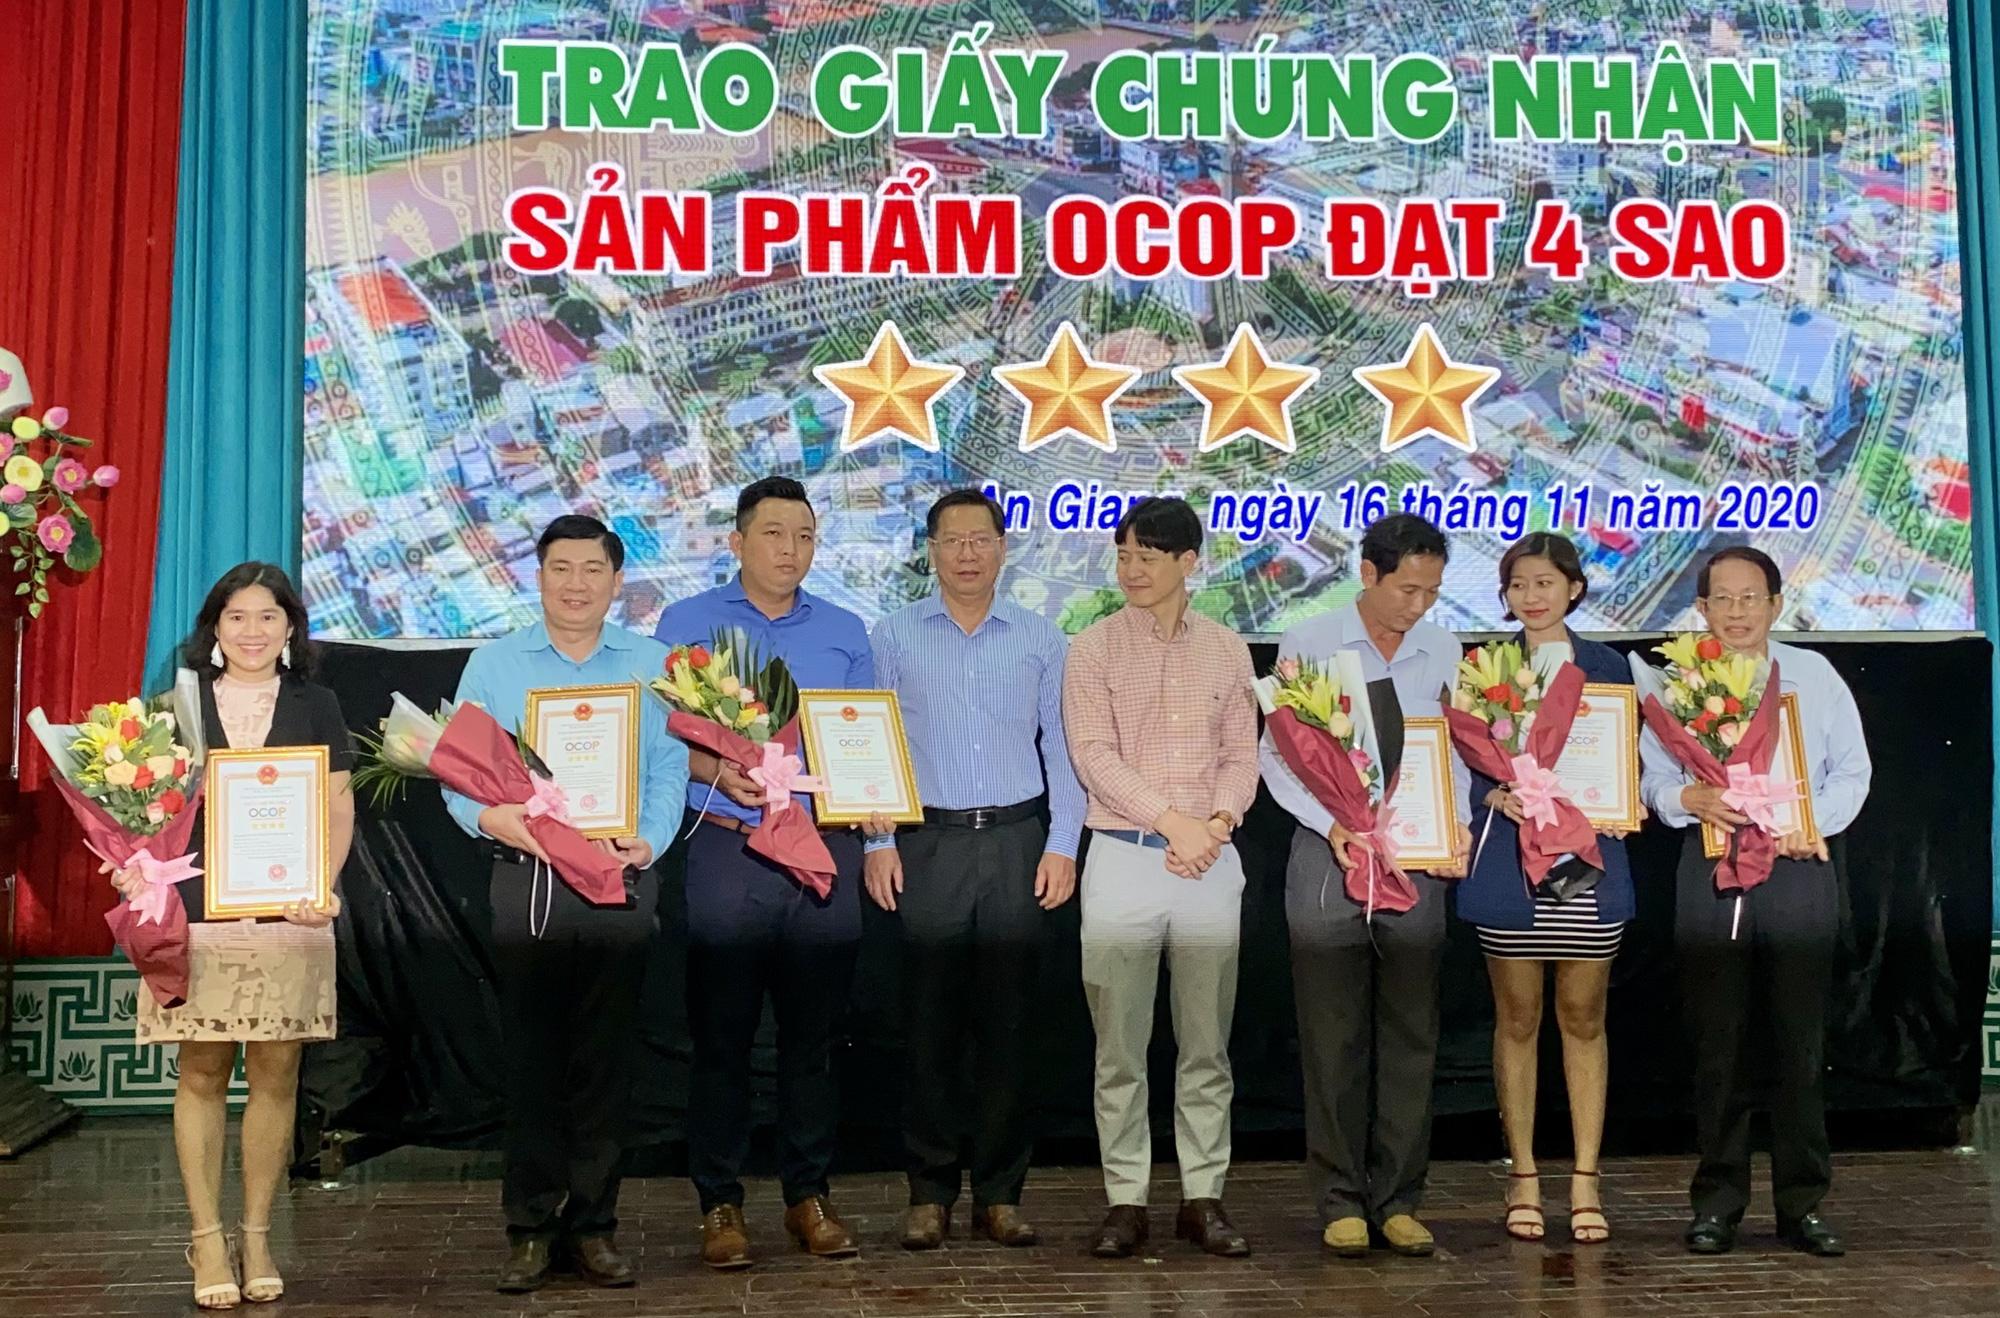 Sản phẩm OCOP đã góp phần nâng cao giá trị sản phẩm và thu nhập cho người dân - Ảnh 2.